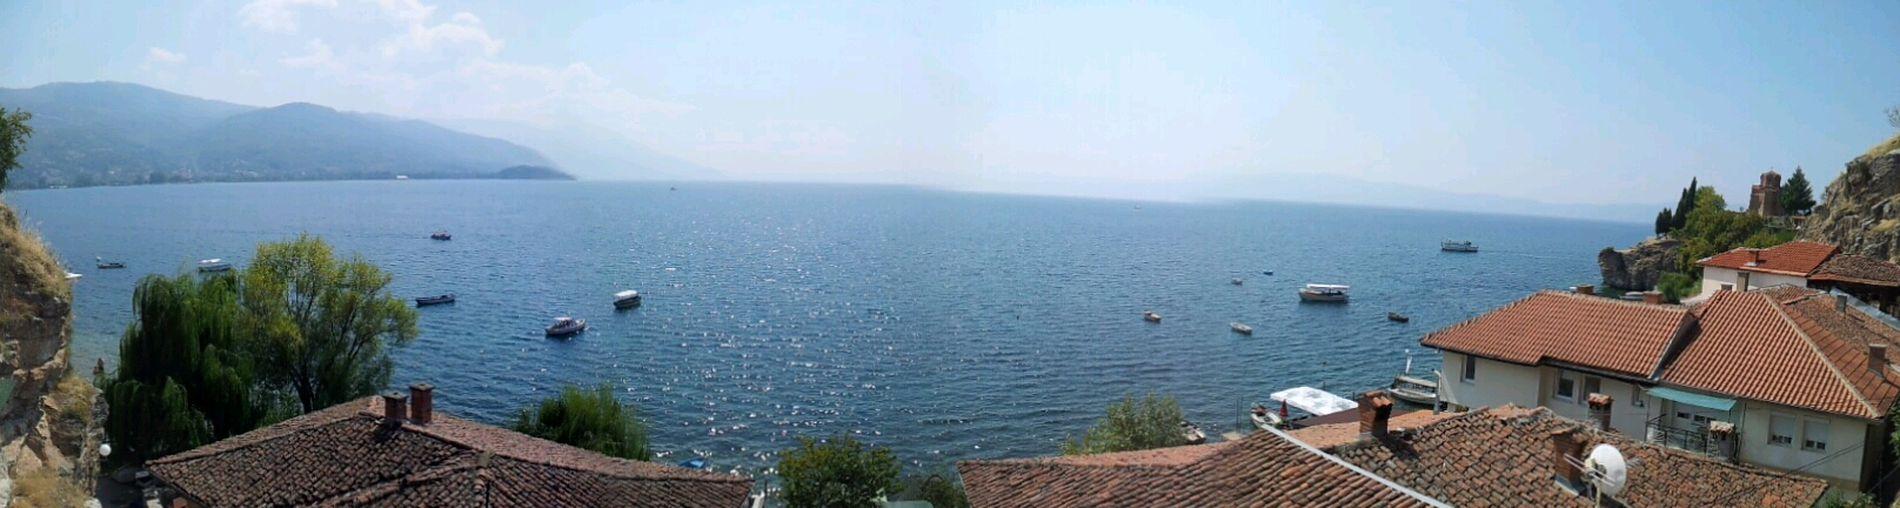 Landscape Ohridlake Beautiful Day EyeEm Nature Lover